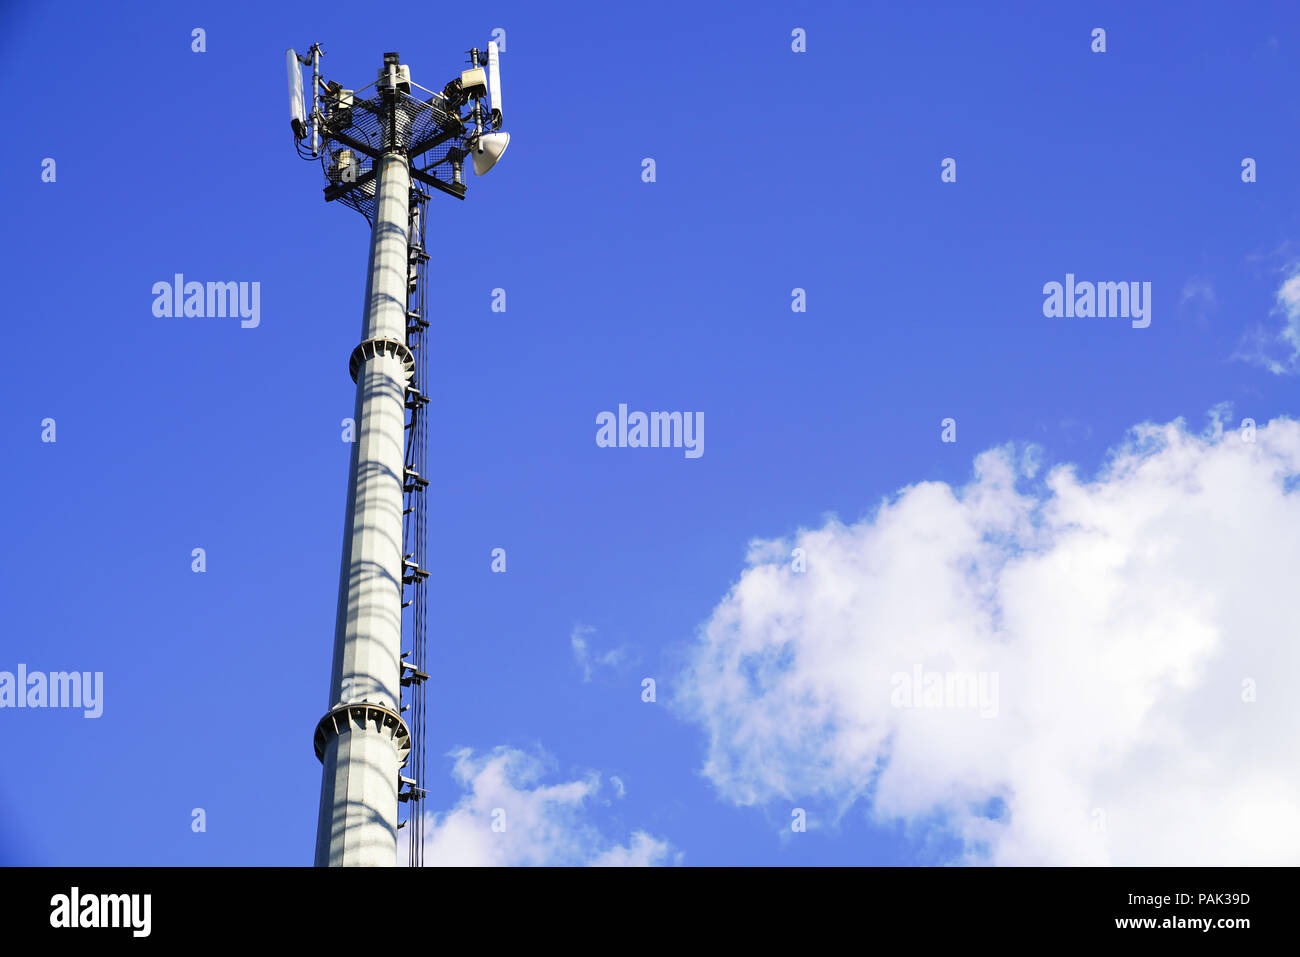 Telefono Cellulare Di Stazioni Di Base Con Cielo Azzurro Sfondo In